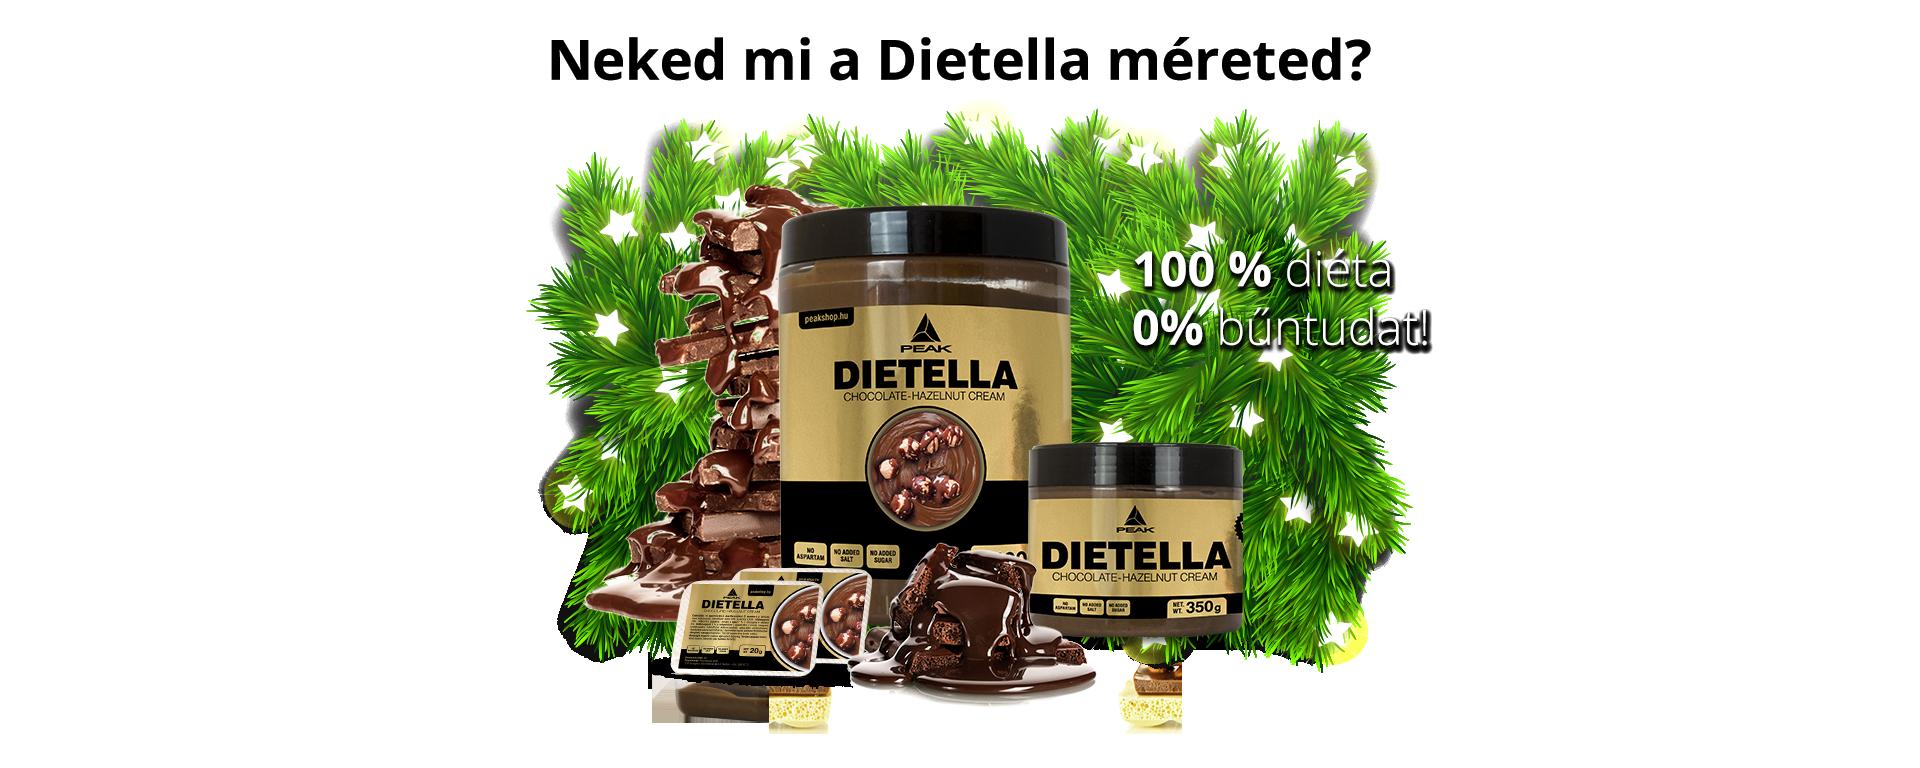 2016-12-22-dietella_pack_shop_header_1920x768px